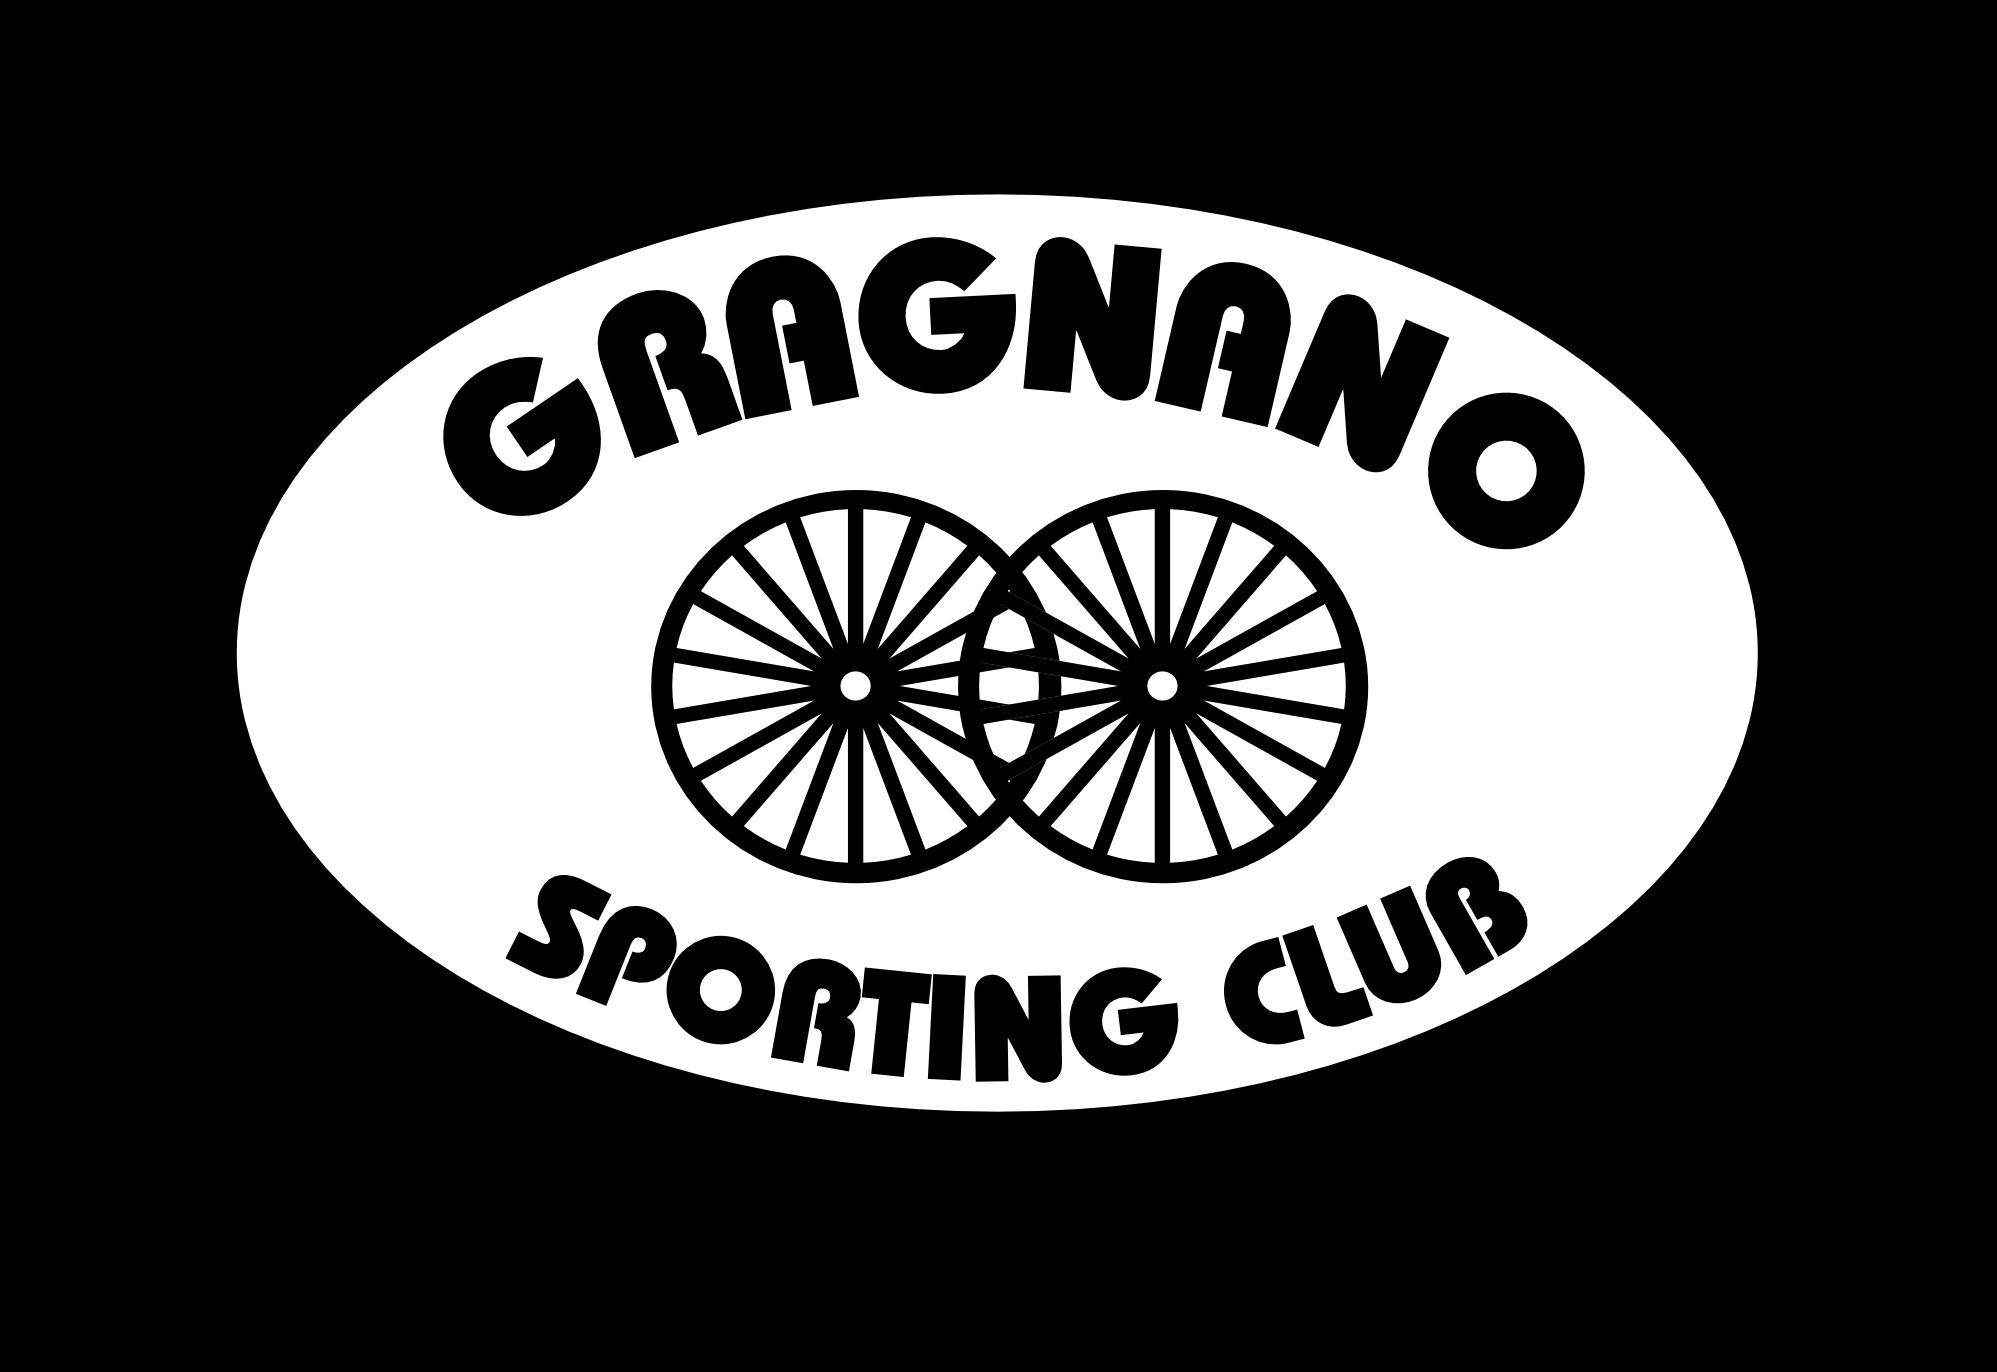 Gragnano SC | Elite U23 Cycling Team